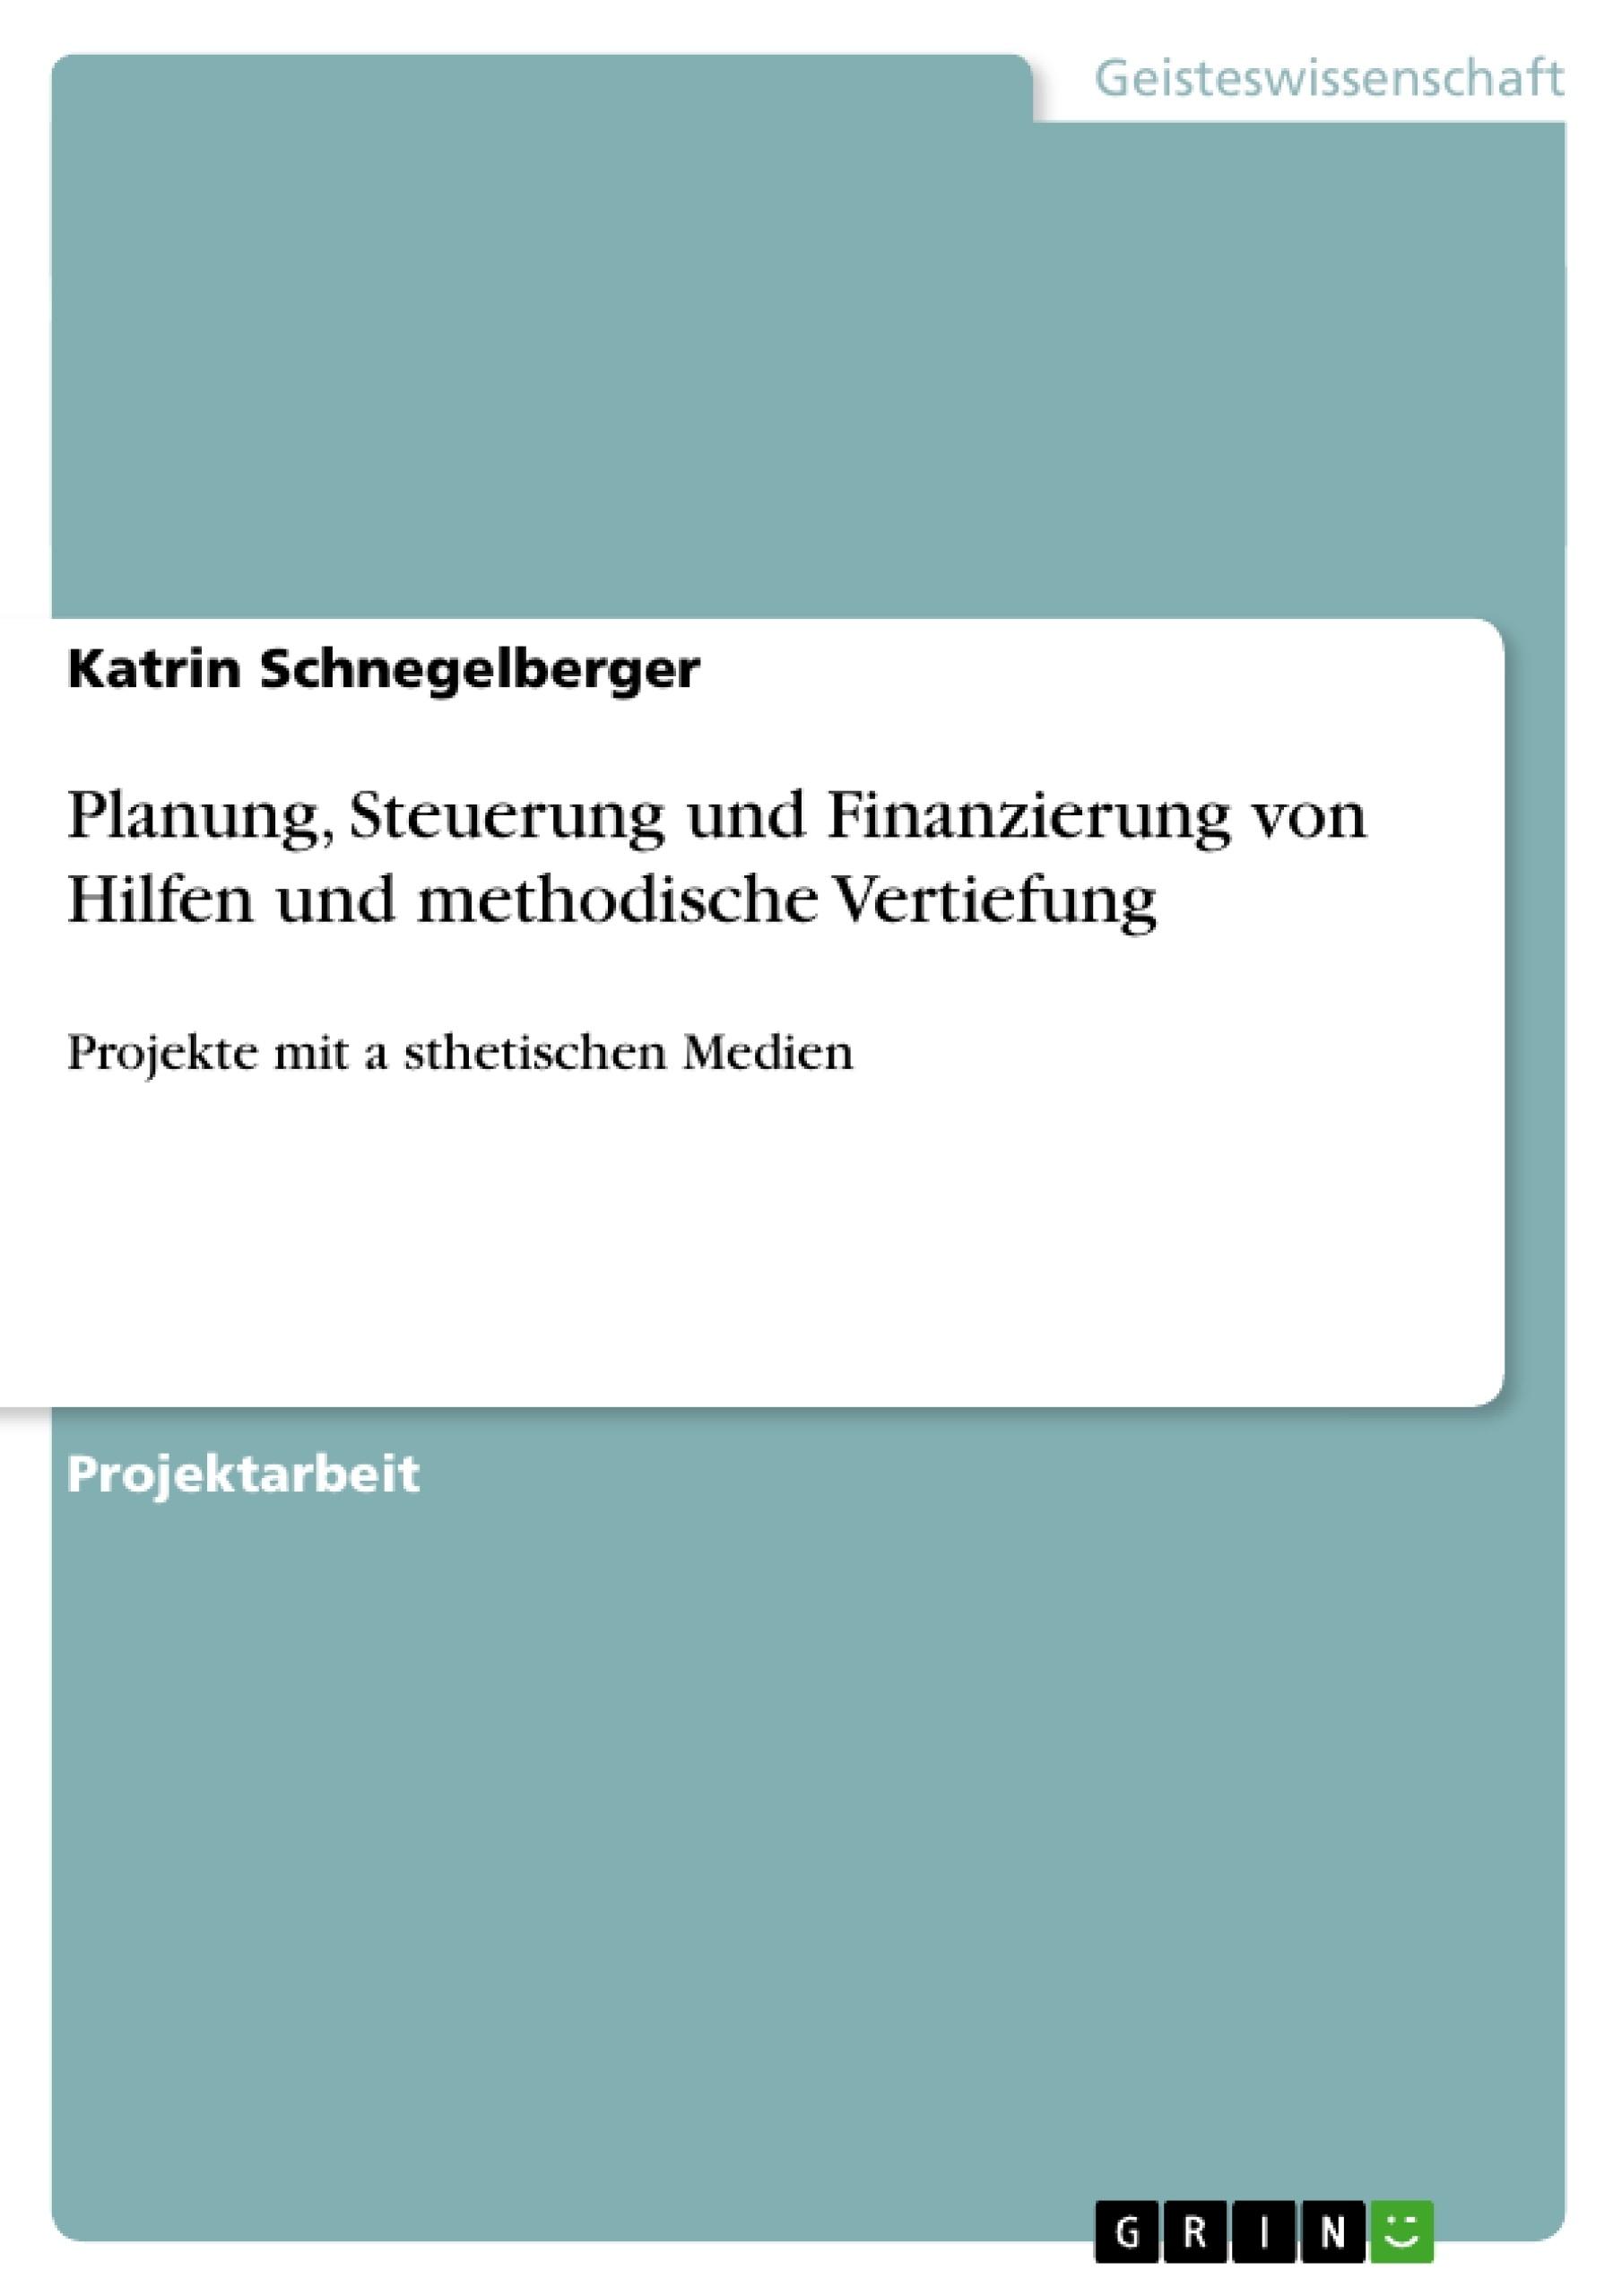 Titel: Planung, Steuerung und Finanzierung von Hilfen und methodische Vertiefung